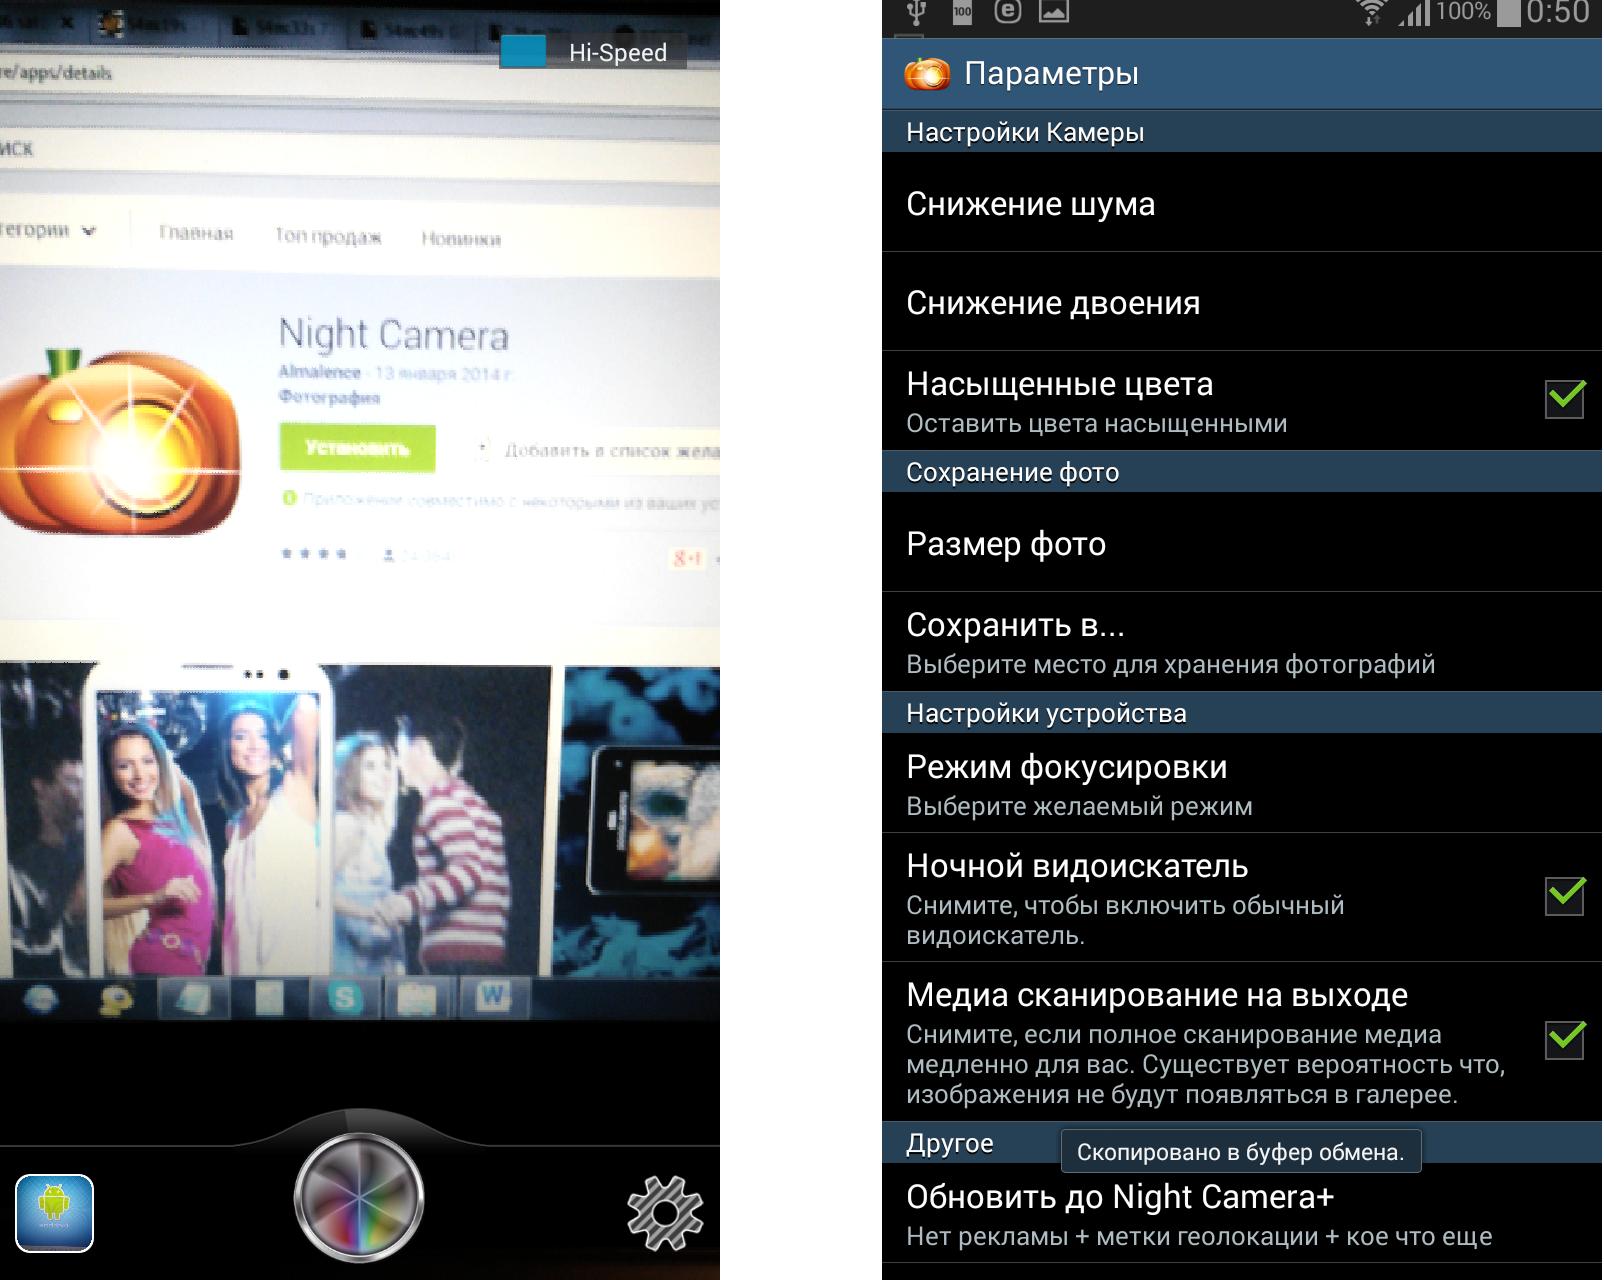 ТОП-20 приложений для Android - Night Camera